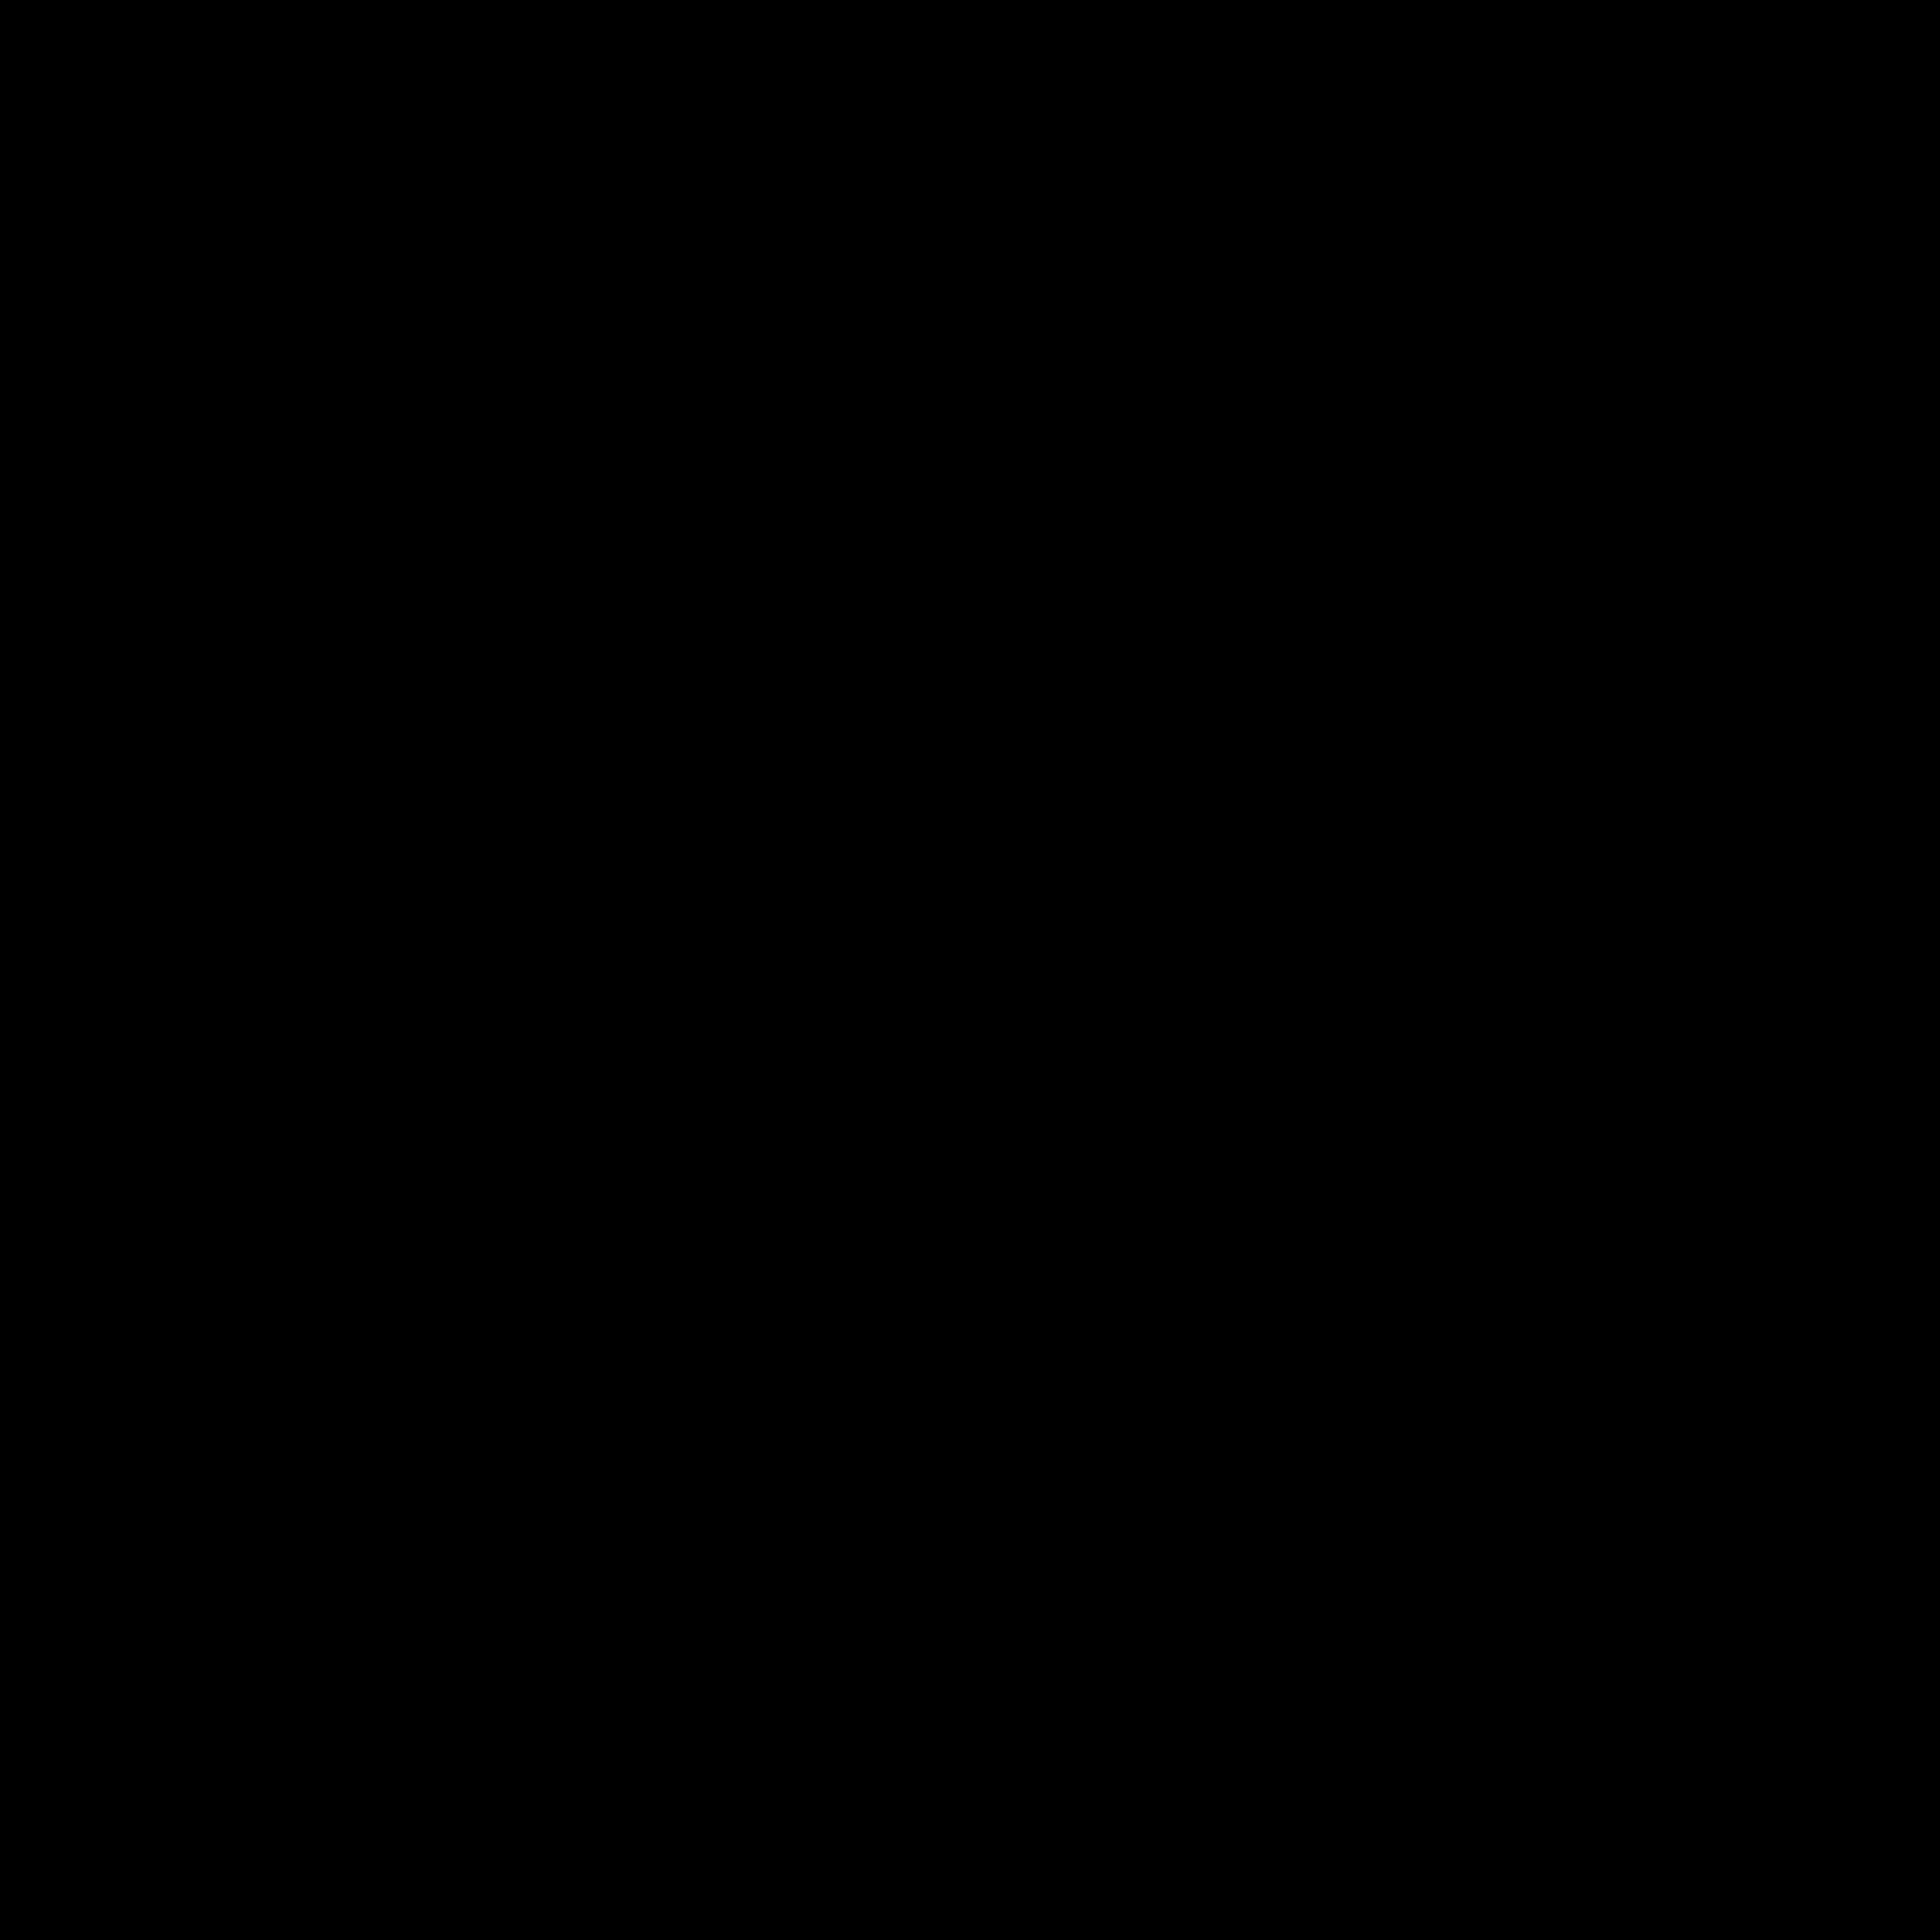 مشهد ماساژ